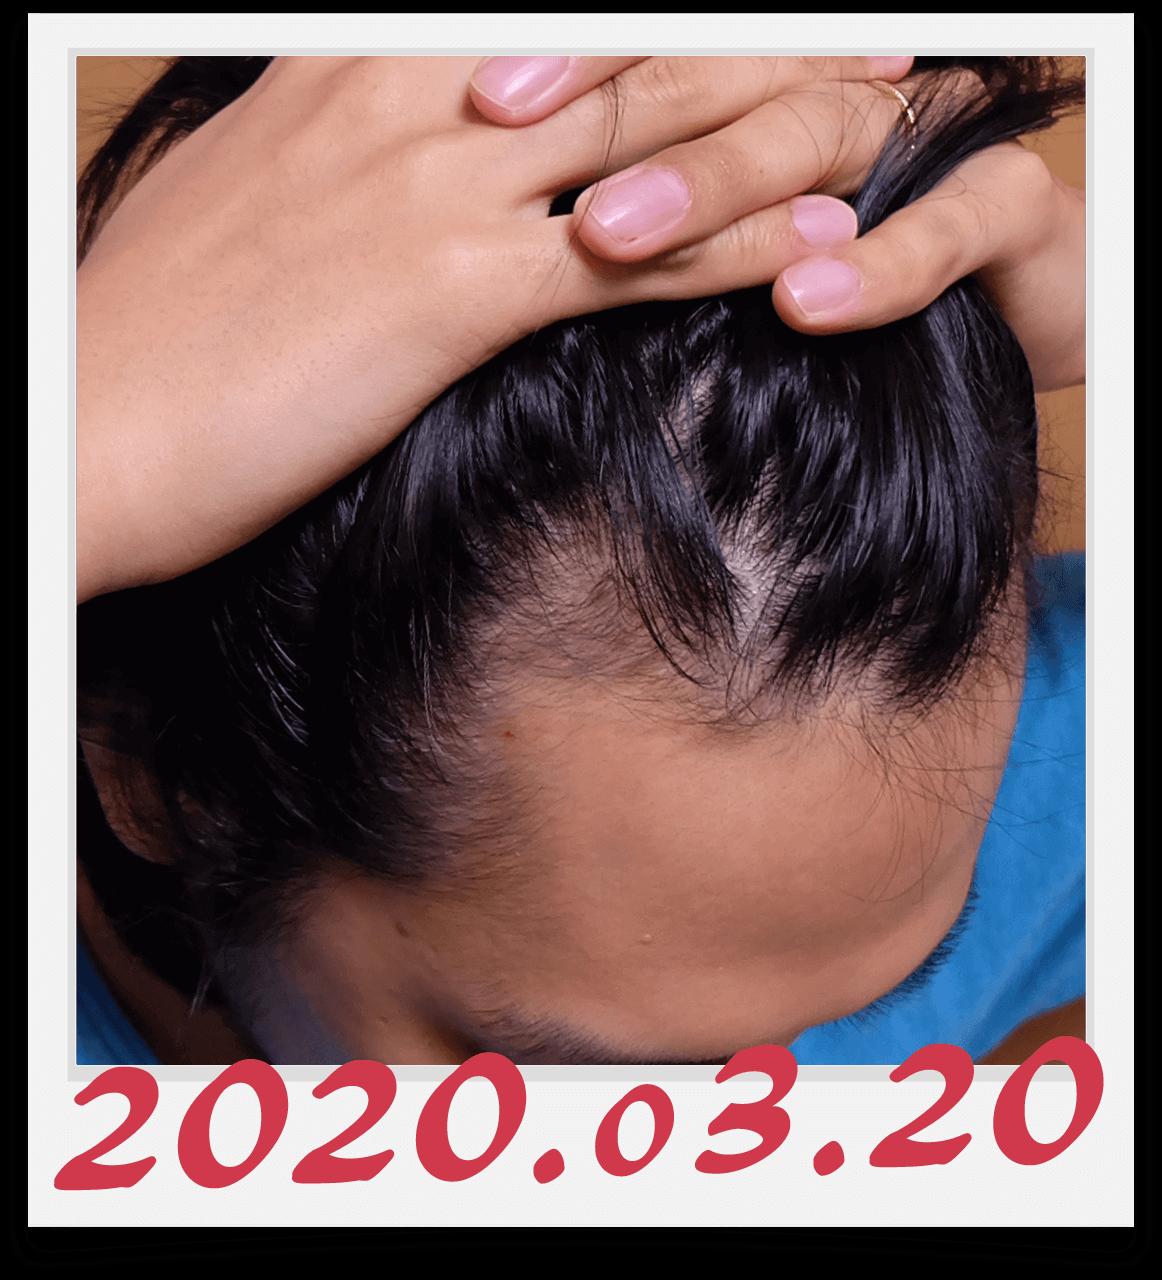 2020年3月20日に撮影した右側の生え際